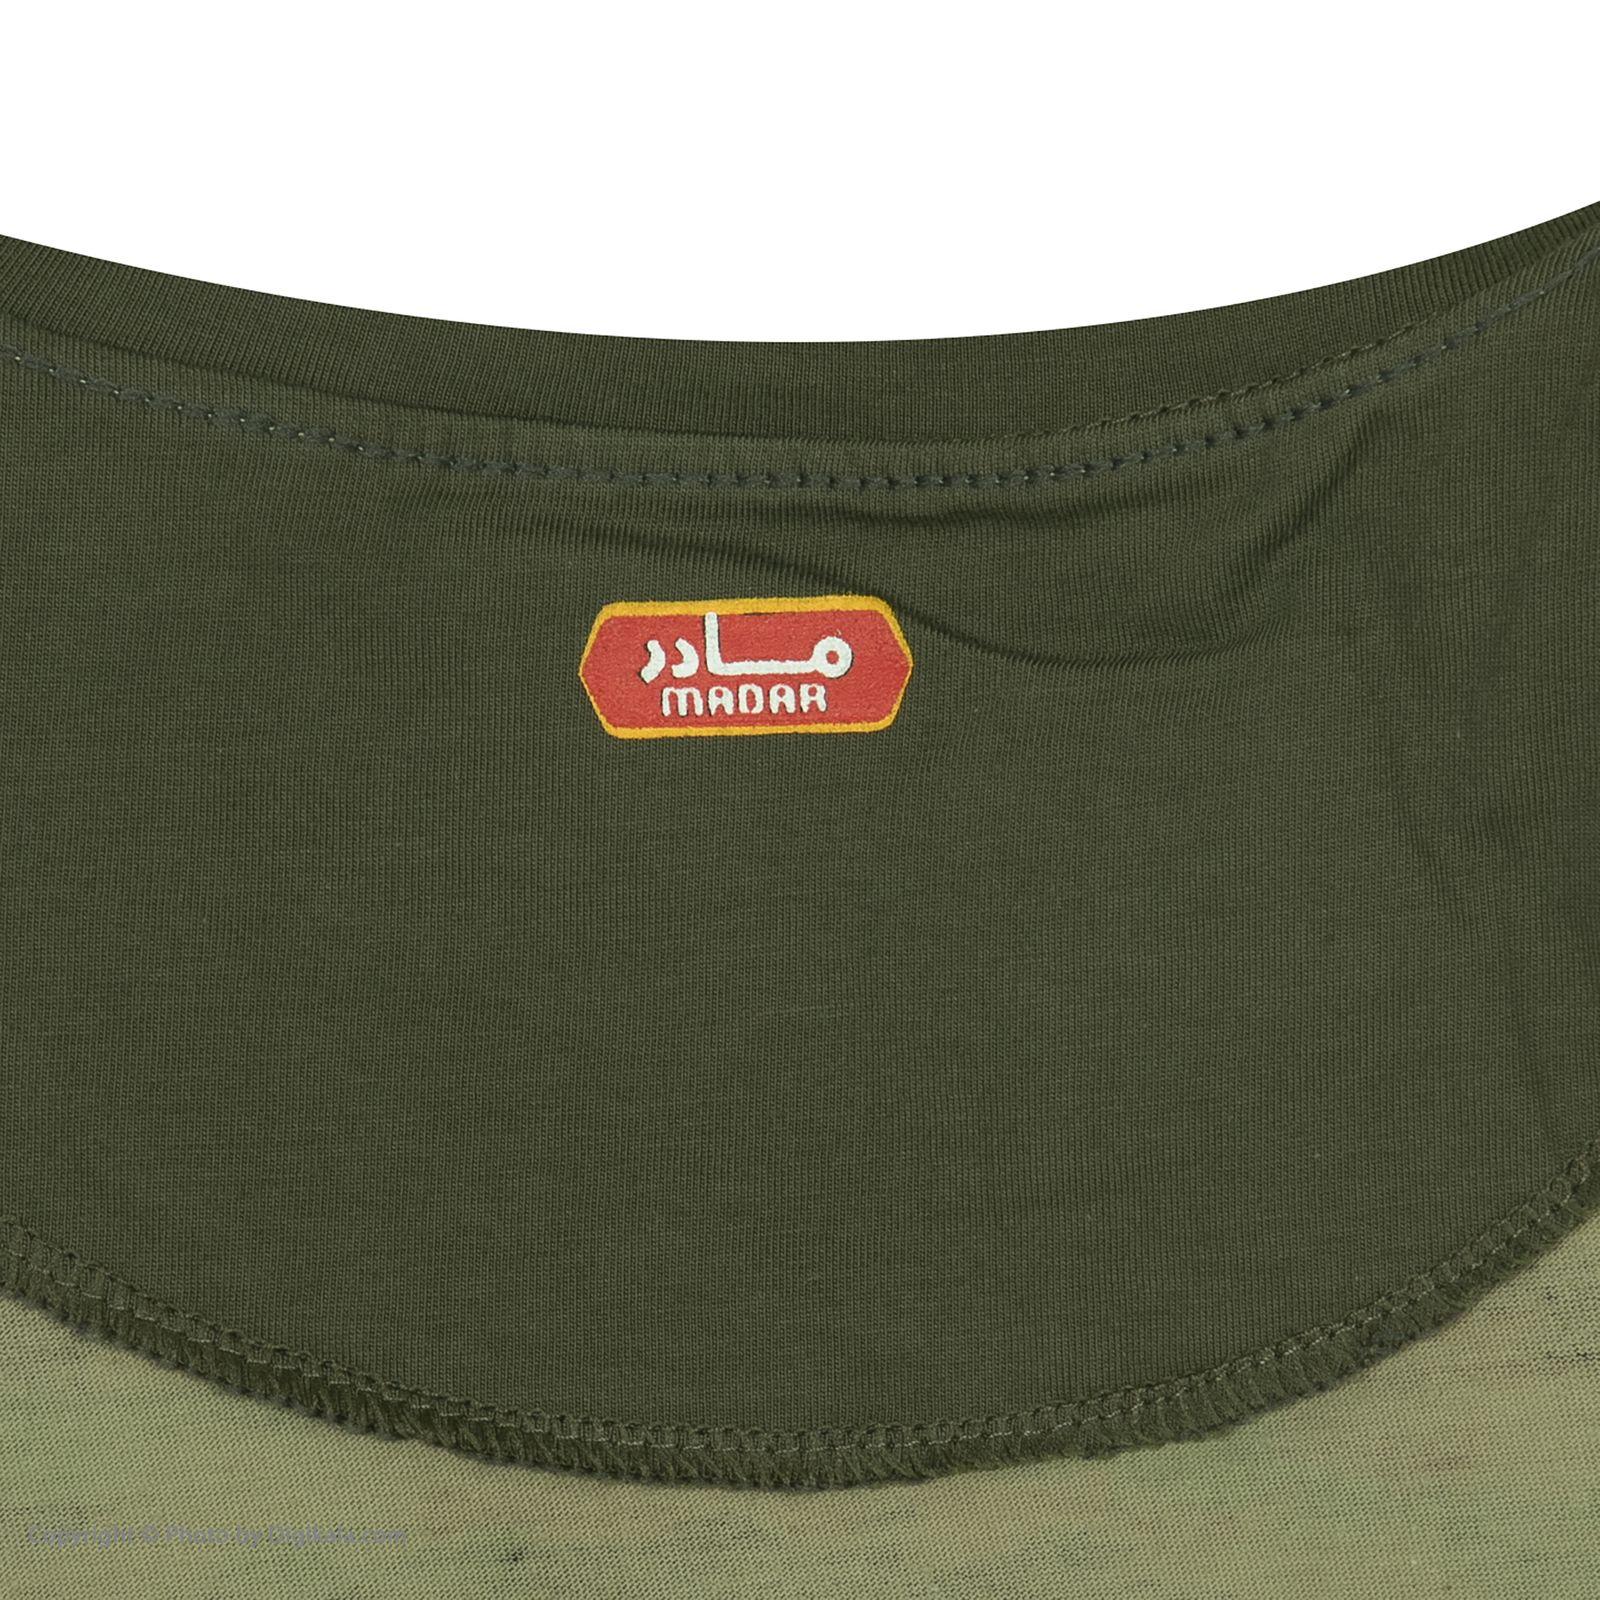 ست تی شرت و شلوارک راحتی مردانه مادر مدل 2041108-49 -  - 12